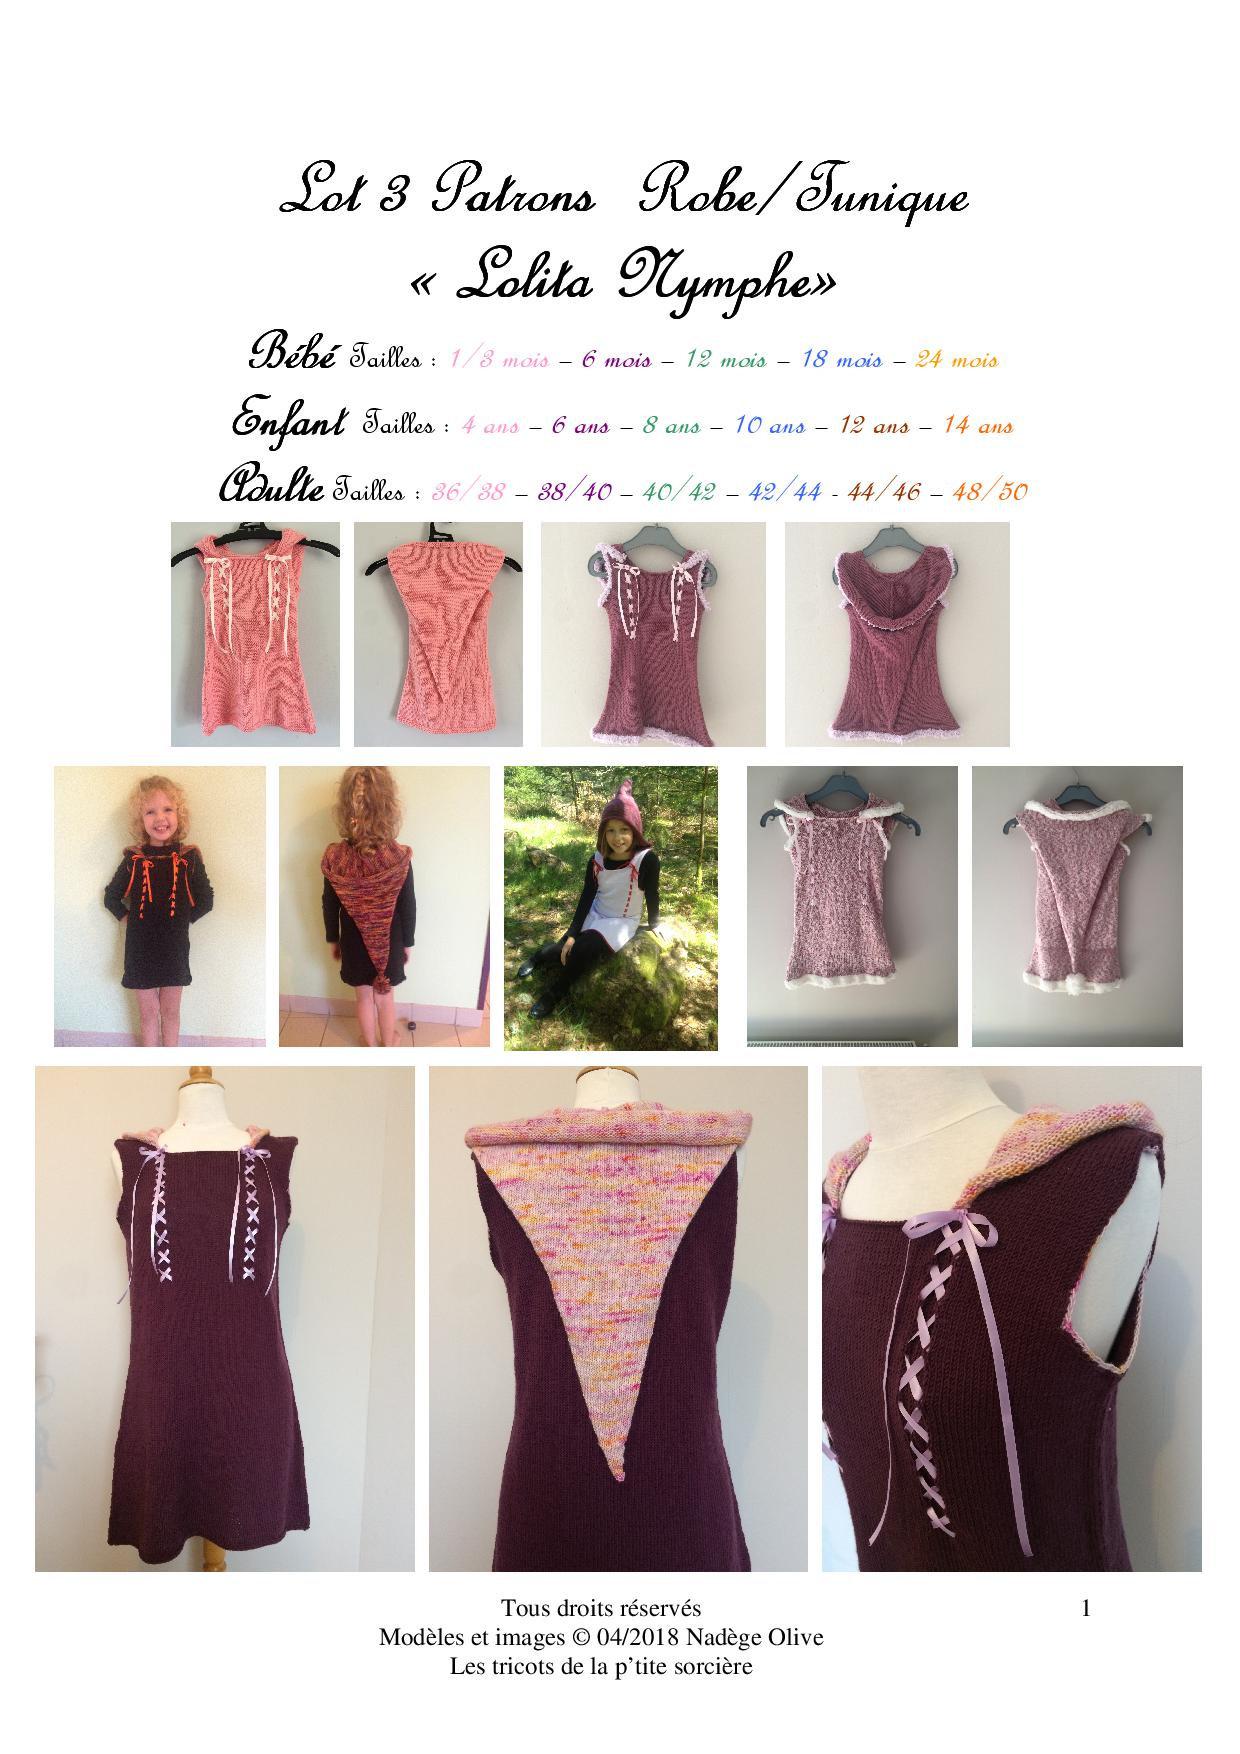 f2508ec757bb Lot de 3 patrons robe Lolita Nymphe bébéenfant et